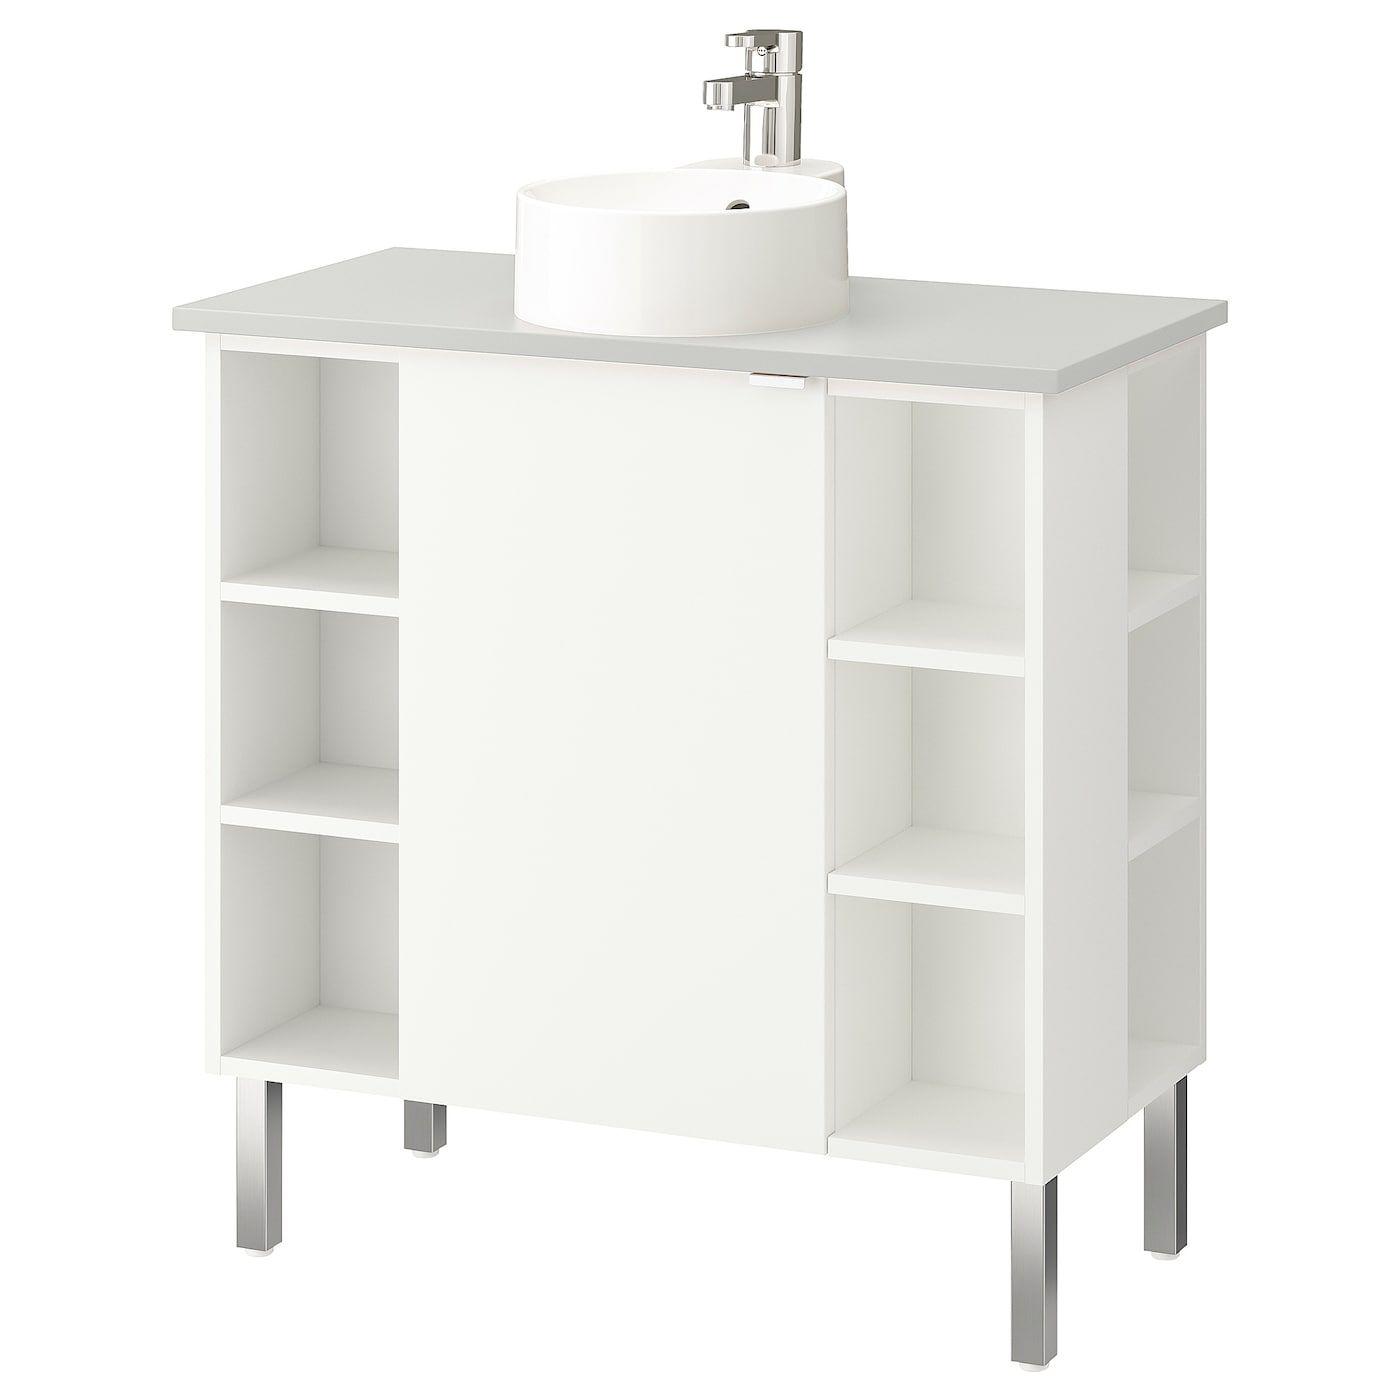 ikea lillången viskan gutviken bathroom vanity 1 door on ikea bathroom vanities id=58860